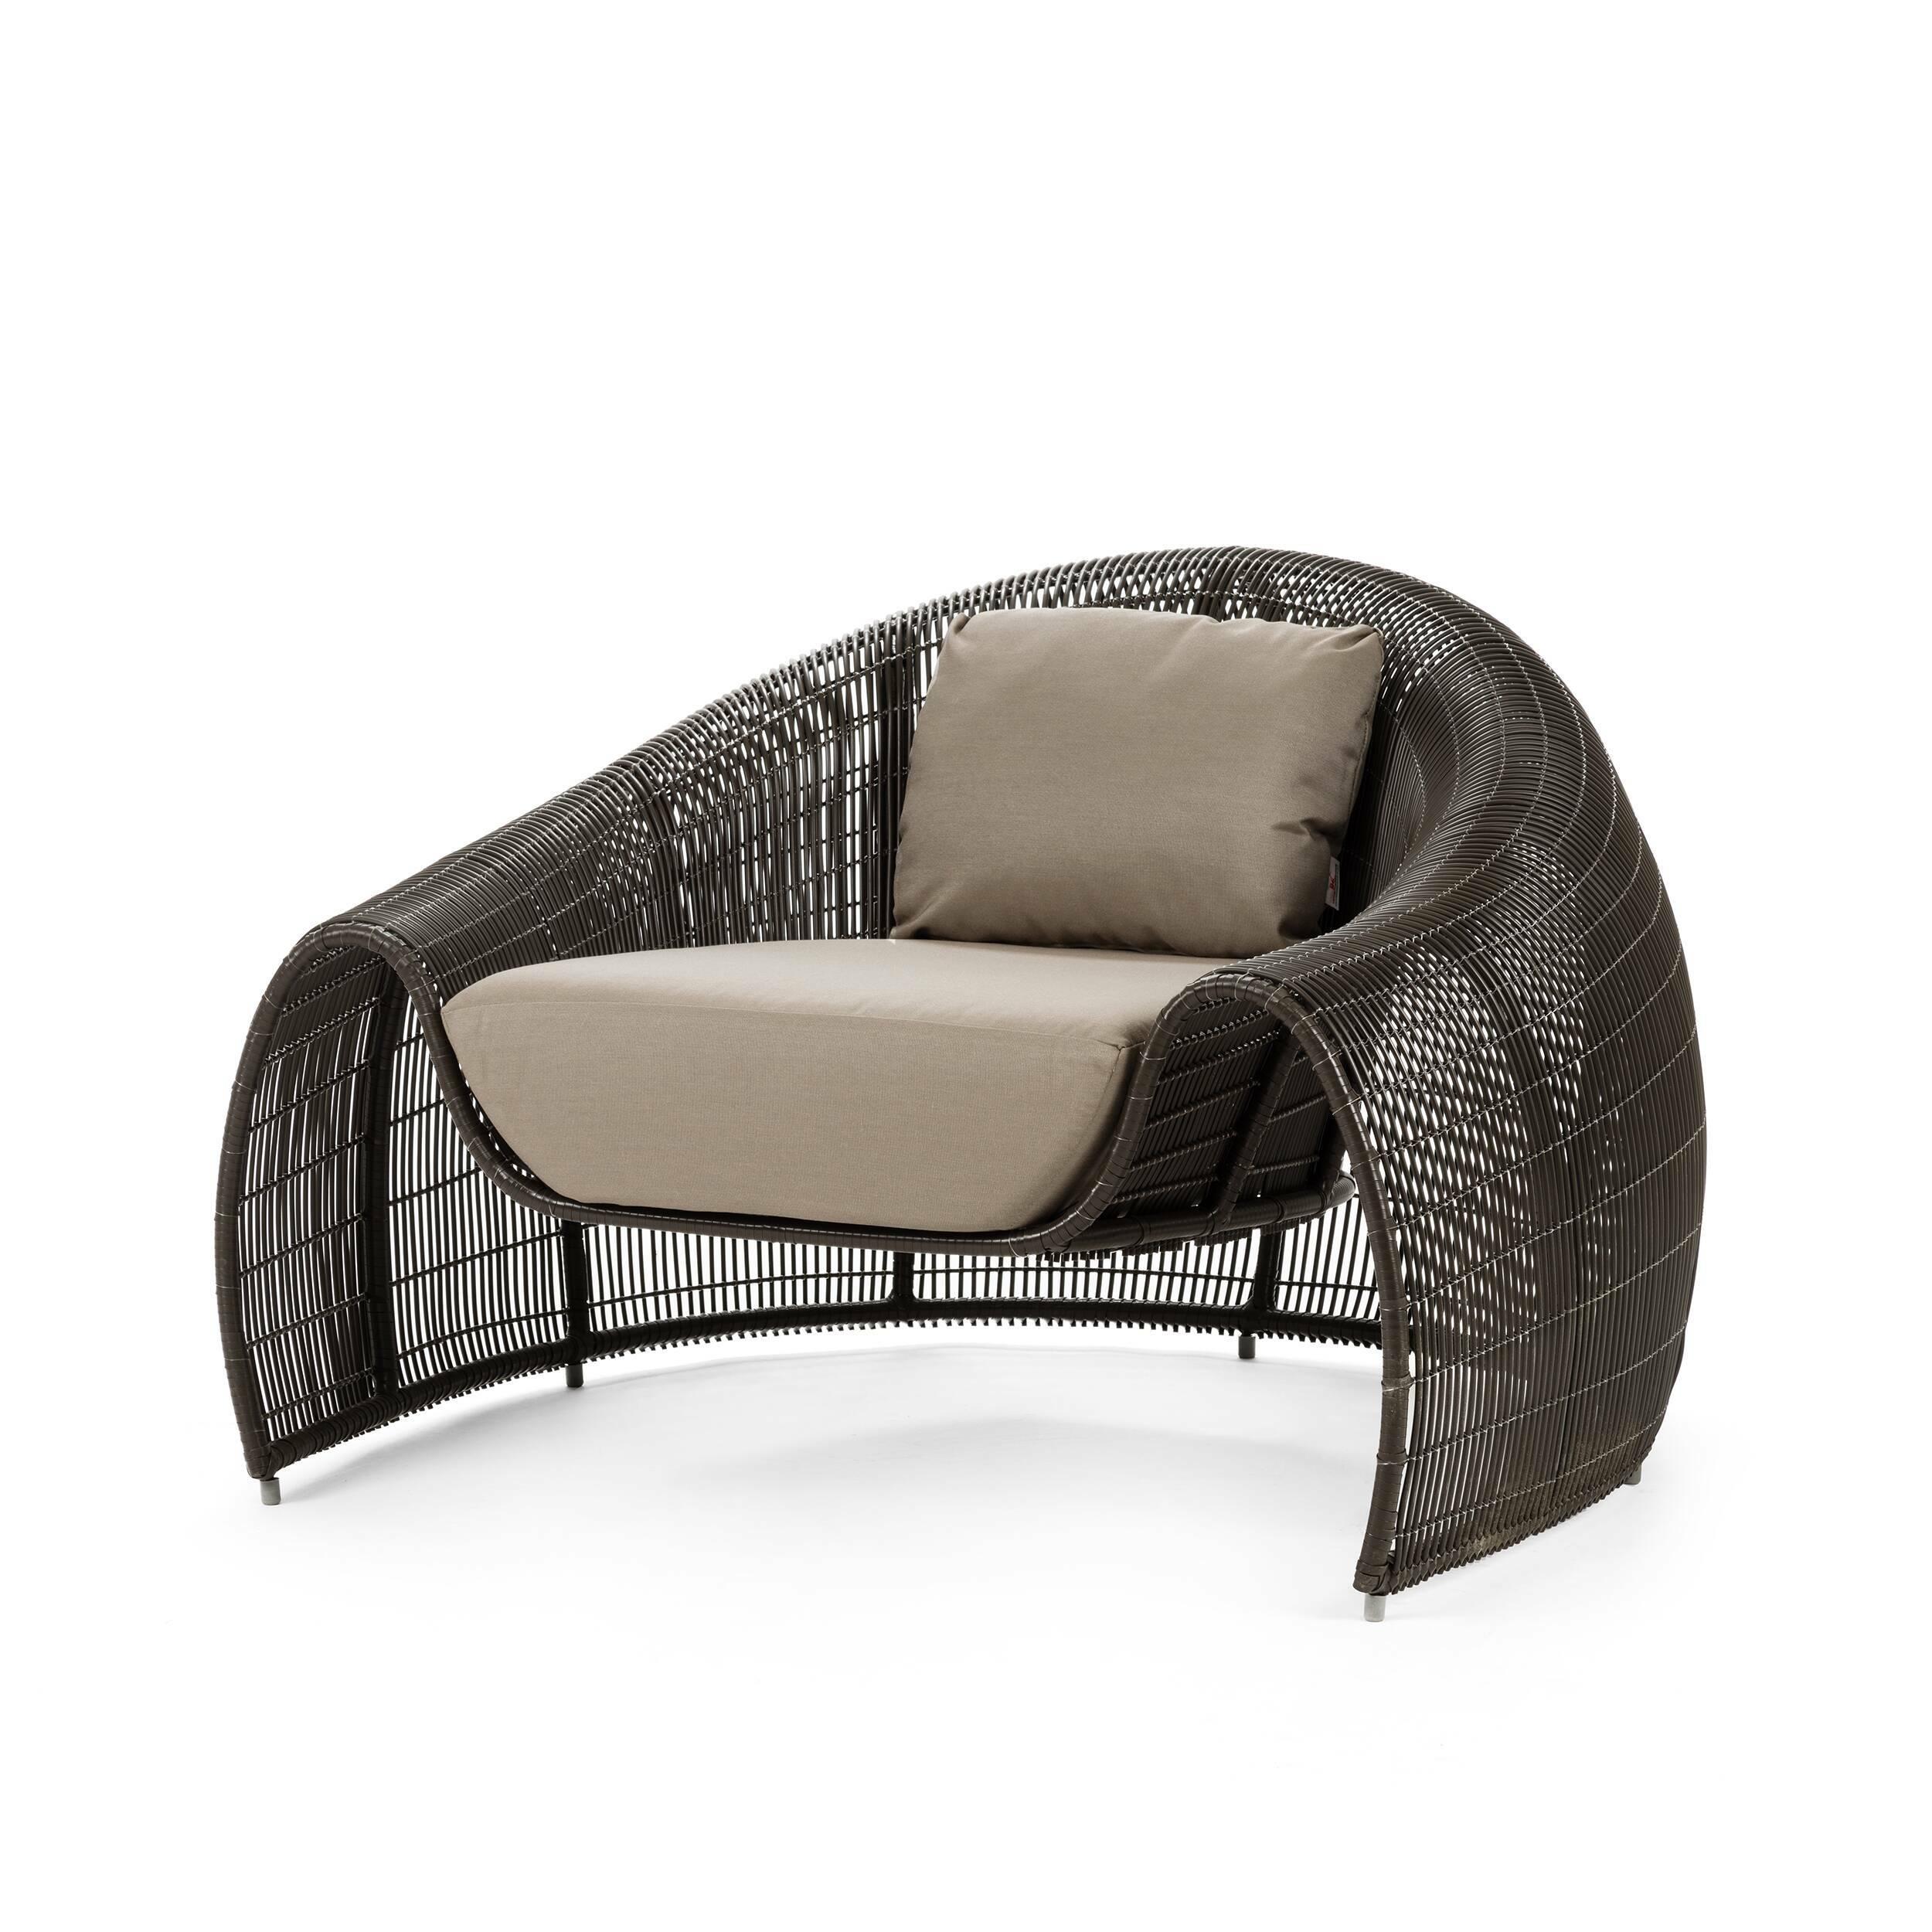 Кресло CroissantУличная мебель<br>Дизайнерское серое кресло Croissant (Круассан) из ротанга с мягким сиденьем от Kenneth Cobonpue (Кеннет Кобонпу)<br><br><br> Филиппинский дизайнер Кеннет Кобунпу — непревзойденный мастер сочетания натуральных природных материалов с современными технологиями.<br><br><br> Пологий склон спинки оригинального кресла Croissant, плавно переходящий в подлокотники, по форме напоминает полумесяц и как будто располагает к тому, чтобы принять расслабленную позу и предаться мечтательным размышлениям о прекрасном ...<br><br>stock: 0<br>Высота: 68<br>Ширина: 103<br>Глубина: 95<br>Сфера использования: Уличное использование<br>Материал каркаса: Ротанг искусственный<br>Материал обивки: Нейлон<br>Тип материала каркаса: Полиэтилен<br>Тип материала обивки: Ткань<br>Цвет обивки: Серый<br>Цвет каркаса: Темно-коричневый